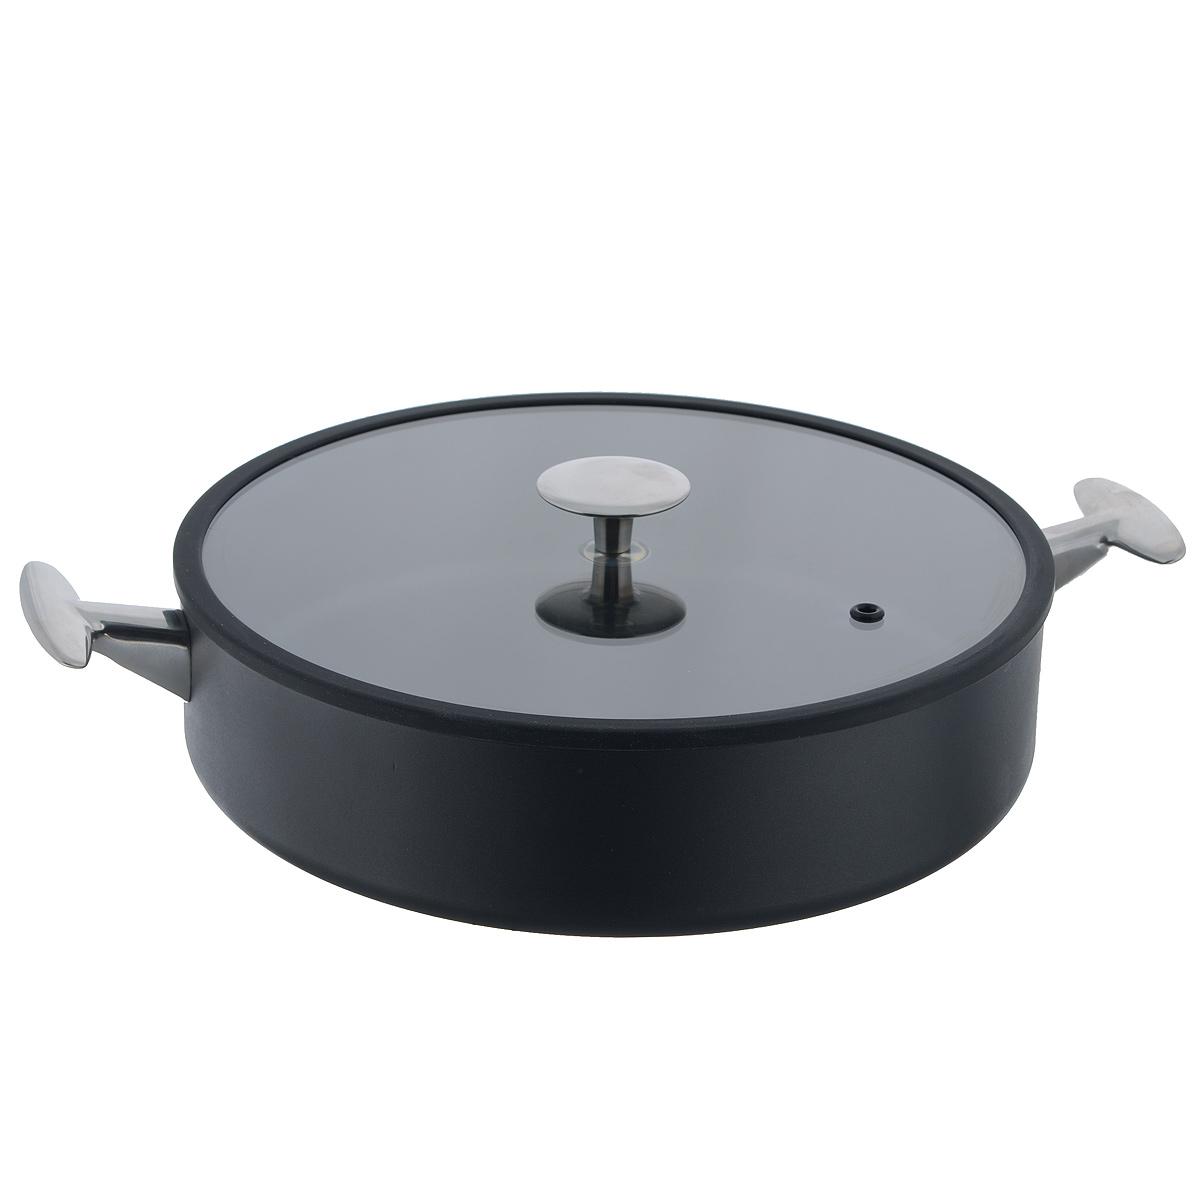 Сотейник с крышкой TVS Maestrale, с антипригарным покрытием, цвет: черный. Диаметр 28 см1V808283310001Сотейник TVS Maestrale выполнен из алюминия с внешним лаковым покрытием черного цвета и обладает превосходной теплопроводностью. Внутреннее антипригарное покрытие Toptec позволяет готовить пищу с минимальным использованием масла. Прочная поверхность сотейника не боится механических повреждений.Эргономичные ручки, изготовленные из нержавеющей стали, имеют плавные формы, которые подчеркивают стиль сотейника.Крышка, изготовленная из закаленного стекла имеет силиконовый уплотнитель, благодаря чему идеально прилегает к сотейнику и обеспечивает равномерное распределение температуры внутри него. Сотейник TVS Maestrale изготовлен из экологичных материалов, что делает его пригодным для приготовления пищи детям.Подходит для всех видов плит, включая индукционные.Сотейник TVS Maestrale можно использовать в духовому шкафу. Максимальная температура 230°С. Можно мыть в посудомоечной машине.Особенностью коллекции Maestrale является фурнитура из нержавеющей стали с изящными формами, очень эффектно сочетающаяся с литым корпусом изделий с черным антипригарным покрытием Toptec. Дно сковород и кастрюль, входящих в коллекцию, имеет вплавленный стальной диск, благодаря чему посуду можно использовать, в том числе и на индукционных плитах. Компания TVS была основана в 1968 году. Основными принципами, которых придерживается компания, являются экологическая безопасность производства, использование новейших материалов и технологий, а также всесторонний учет потребностей рынка. Посуда TVS (Италия) - это превосходное решение для любой современной кухни, способное создать по-настоящему комфортные условия для приготовления пищи. Диаметр сотейника: 28 см. Высота стенки: 6,5 см.Диаметр крышки: 27 см.